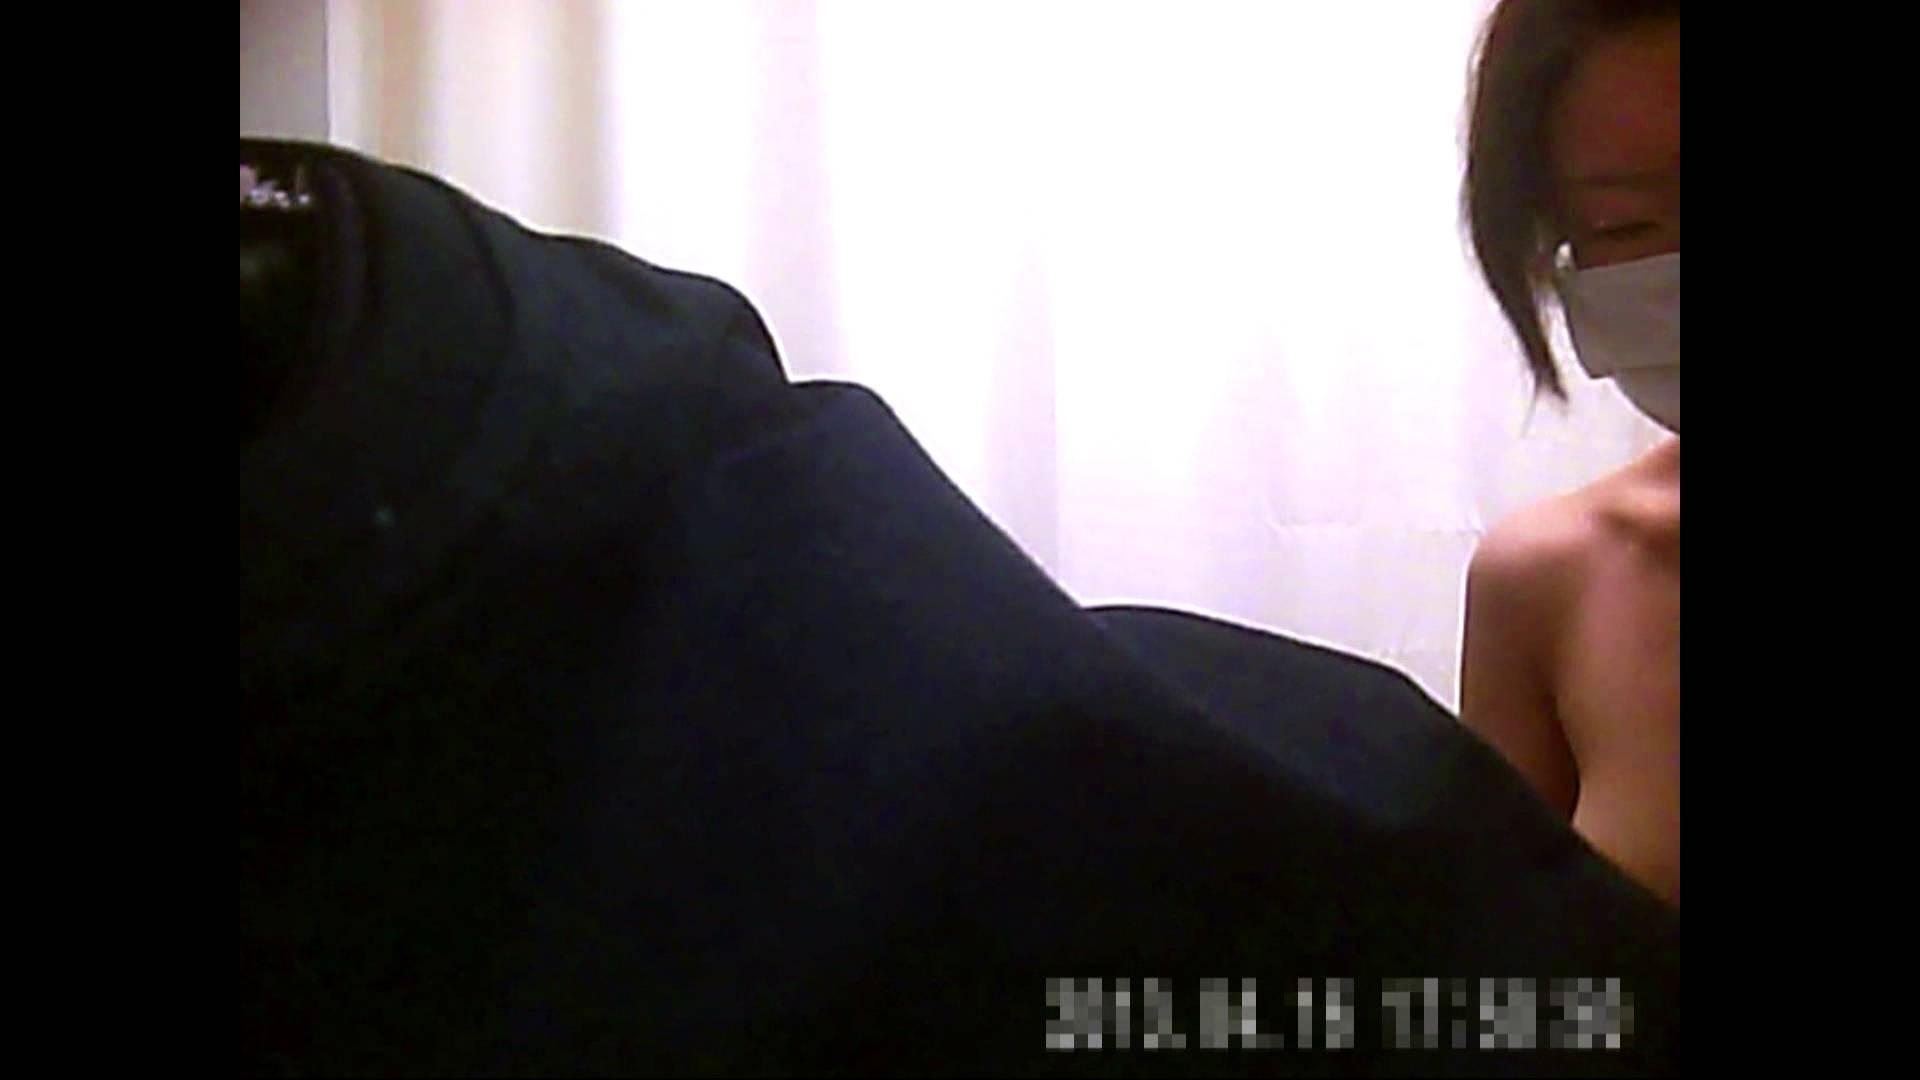 無修正エロ動画 元医者による反抗 更衣室地獄絵巻 vol.094 怪盗ジョーカー